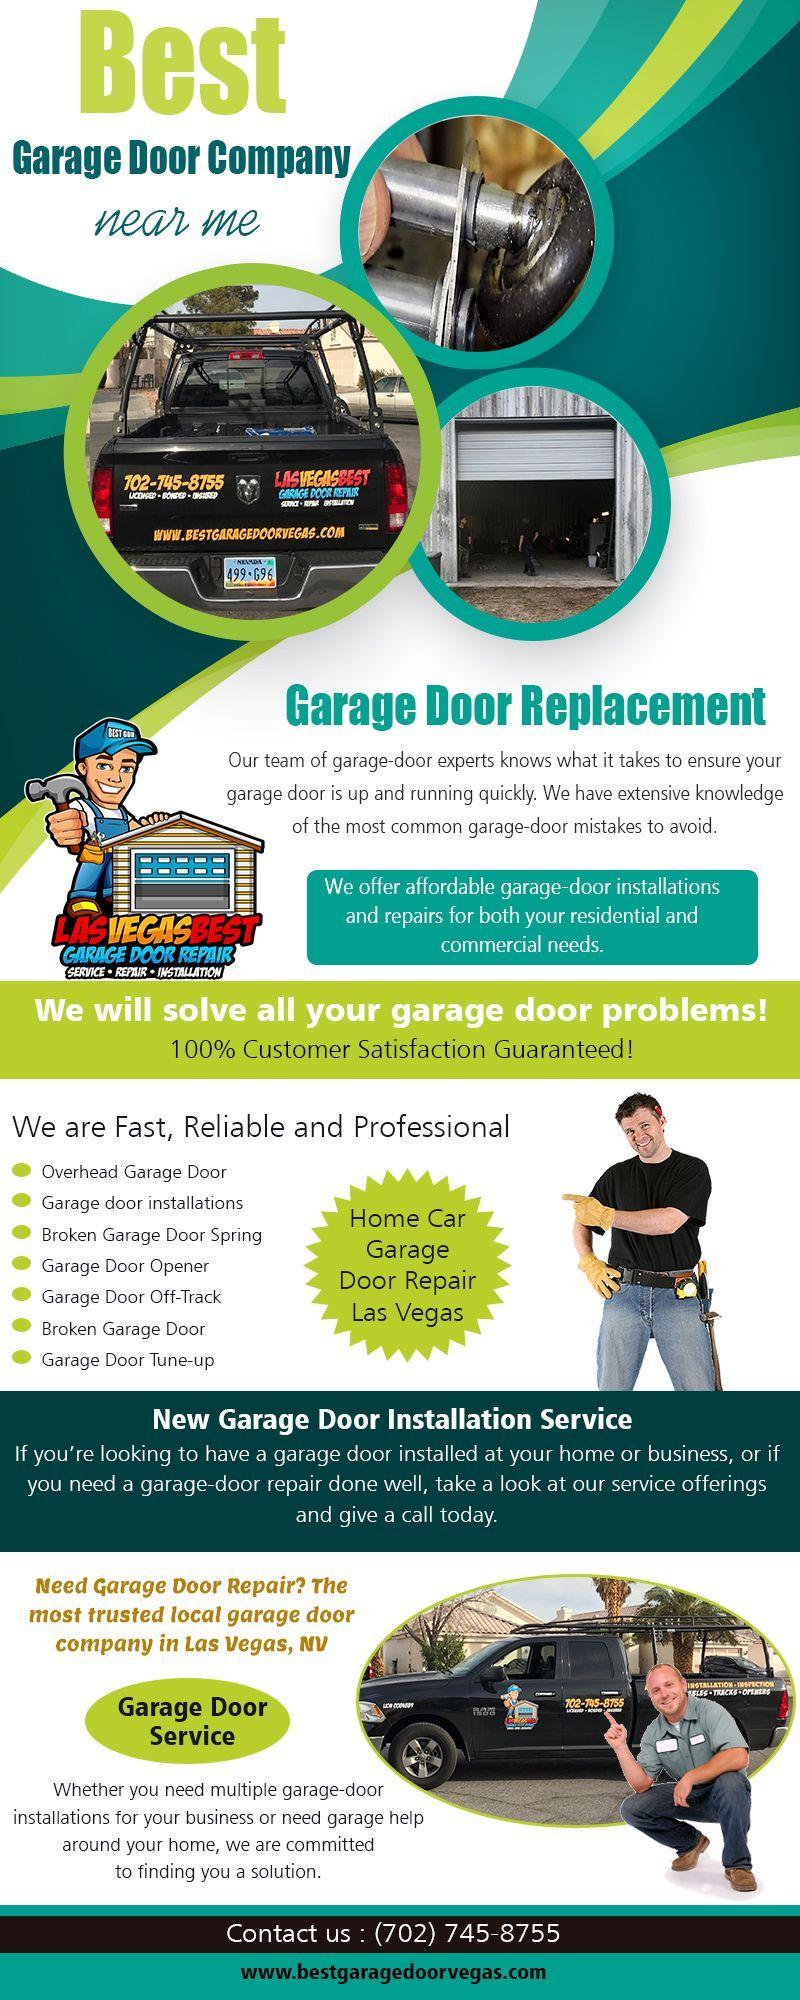 Best Garage Door Company Near Me Company Garage Storagebench In 2020 Best Garage Doors Garage Door Company Door Company